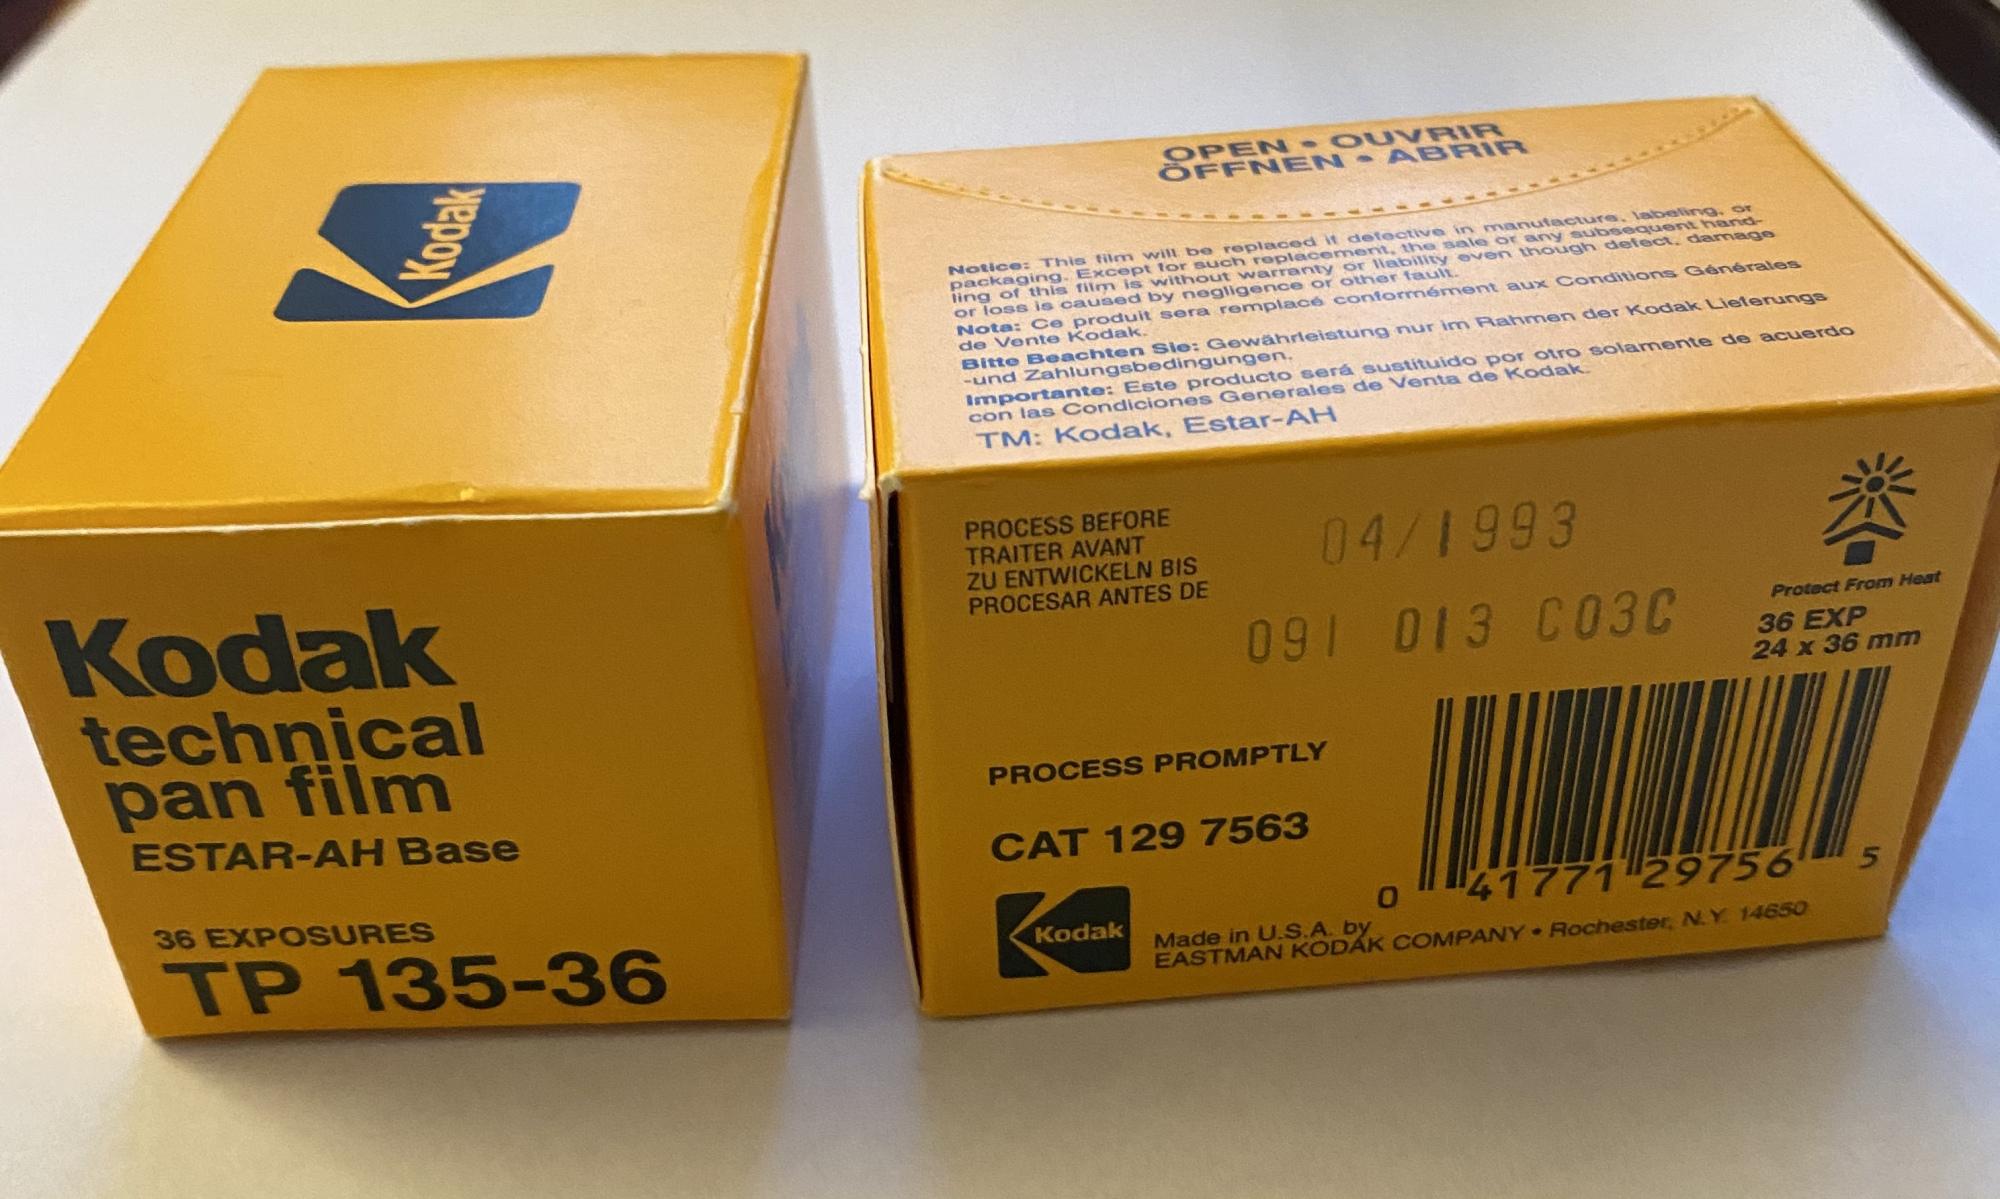 DE2319E1-DE3B-427C-986A-AAE355248369.jpeg